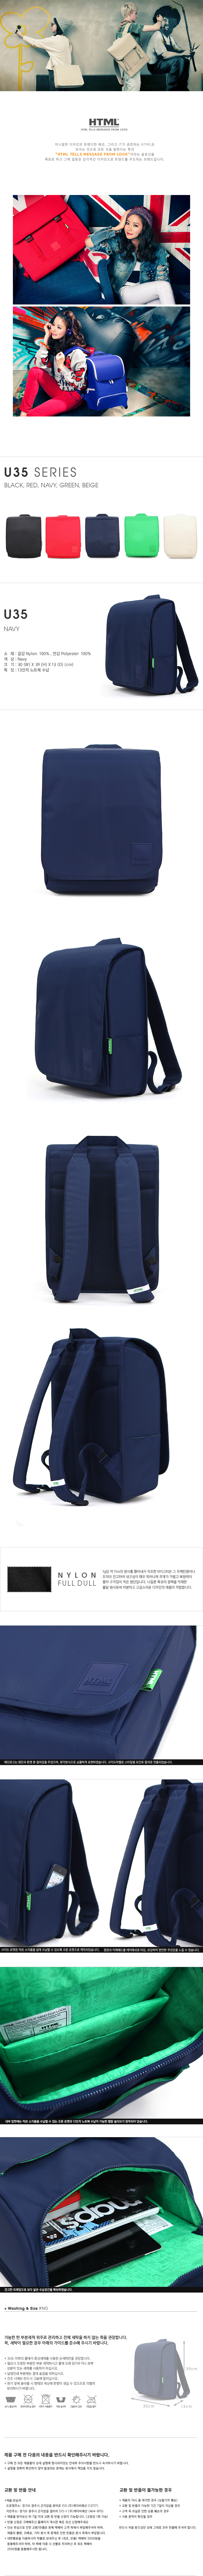 [에이치티엠엘]HTML - U35 backpack (Navy)_인기백팩